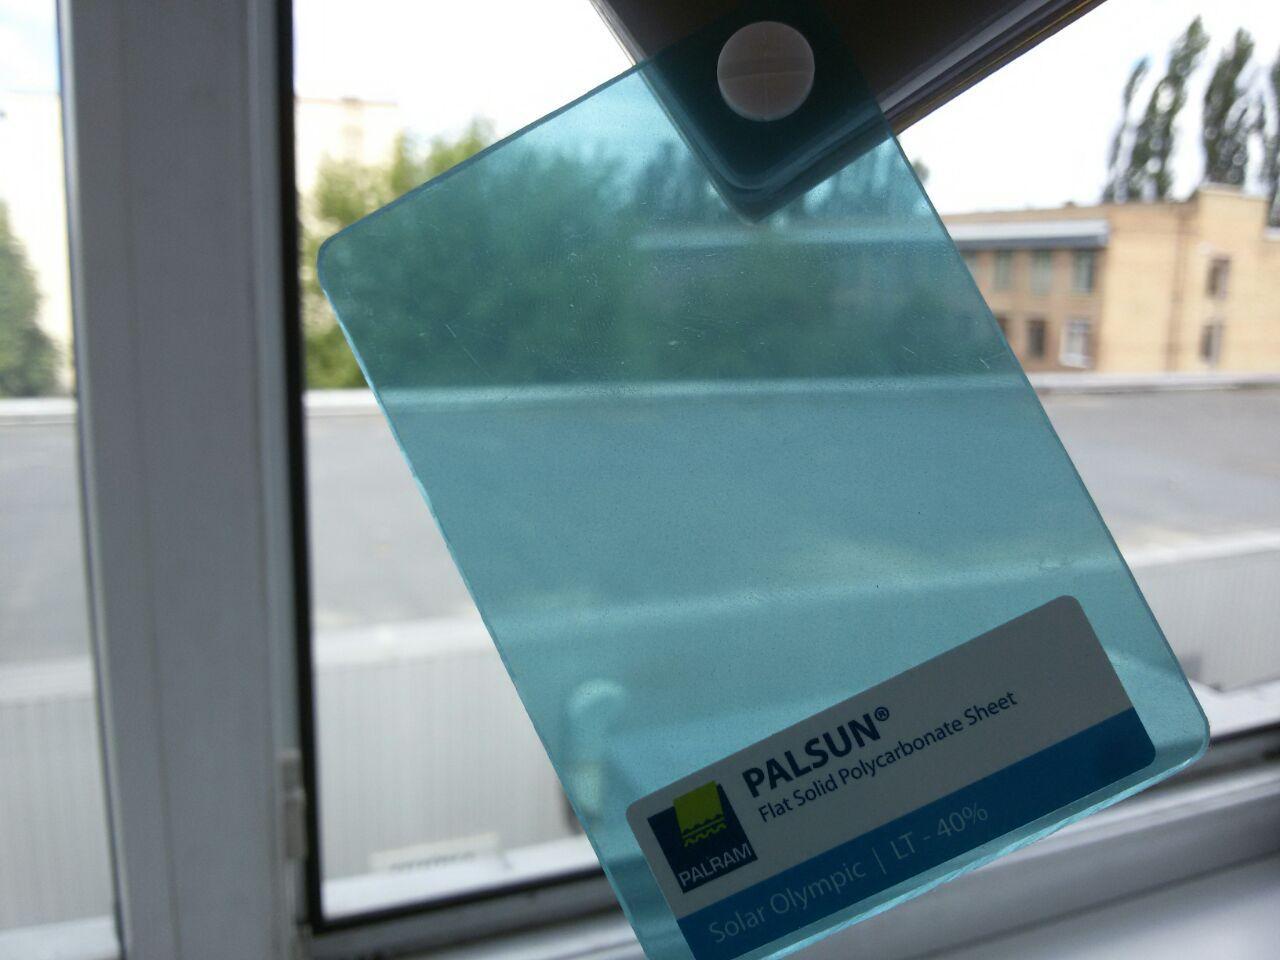 Монолитный поликарбонат PALSUN 4 mm Solar Olympic бирюзовый